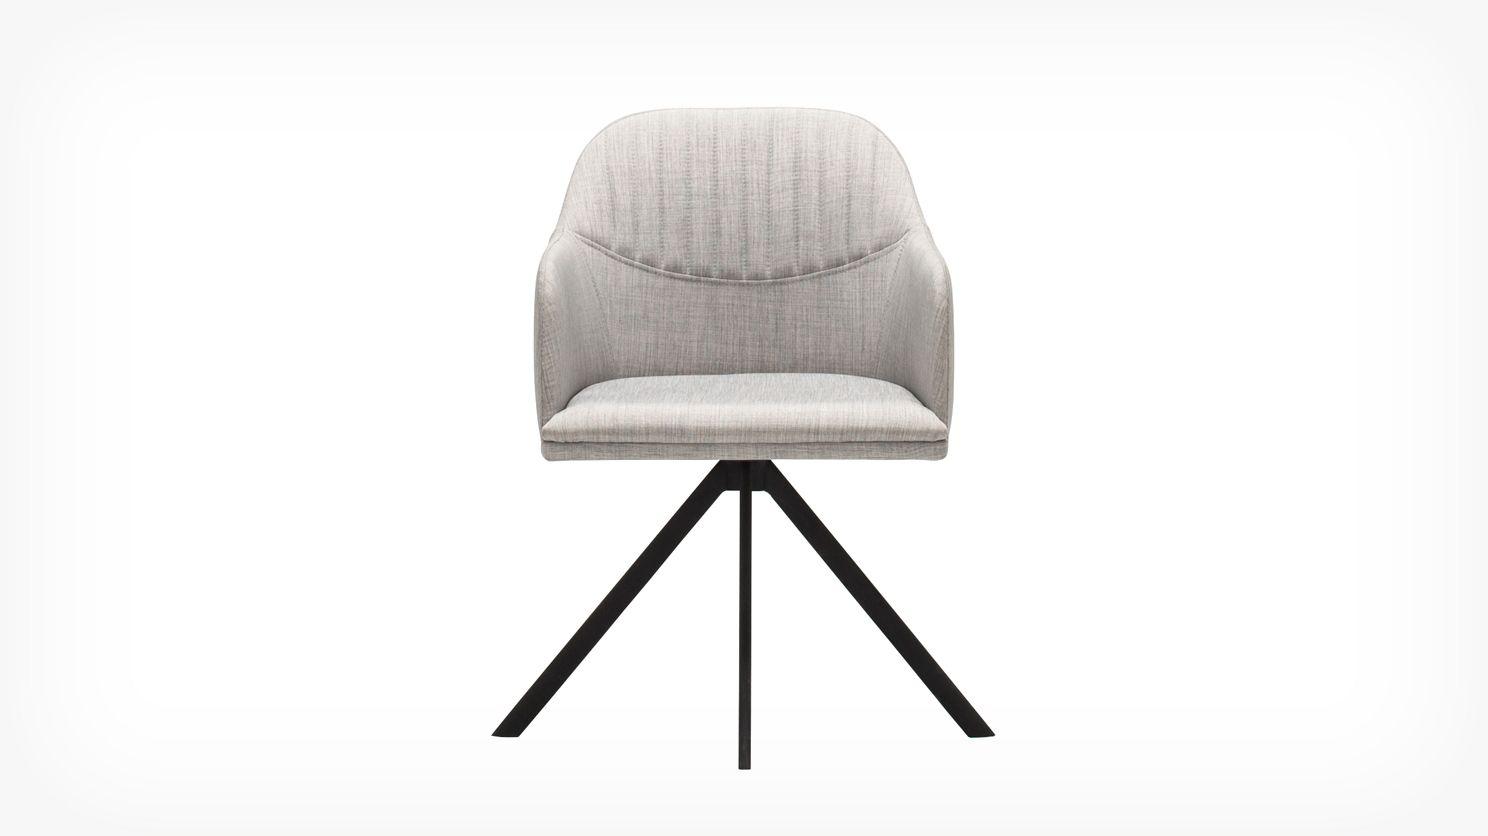 Abigail Arm Chair | EQ3 Modern Furniture  sc 1 st  Pinterest & Abigail Arm Chair | EQ3 Modern Furniture | Dining Room | Pinterest ...